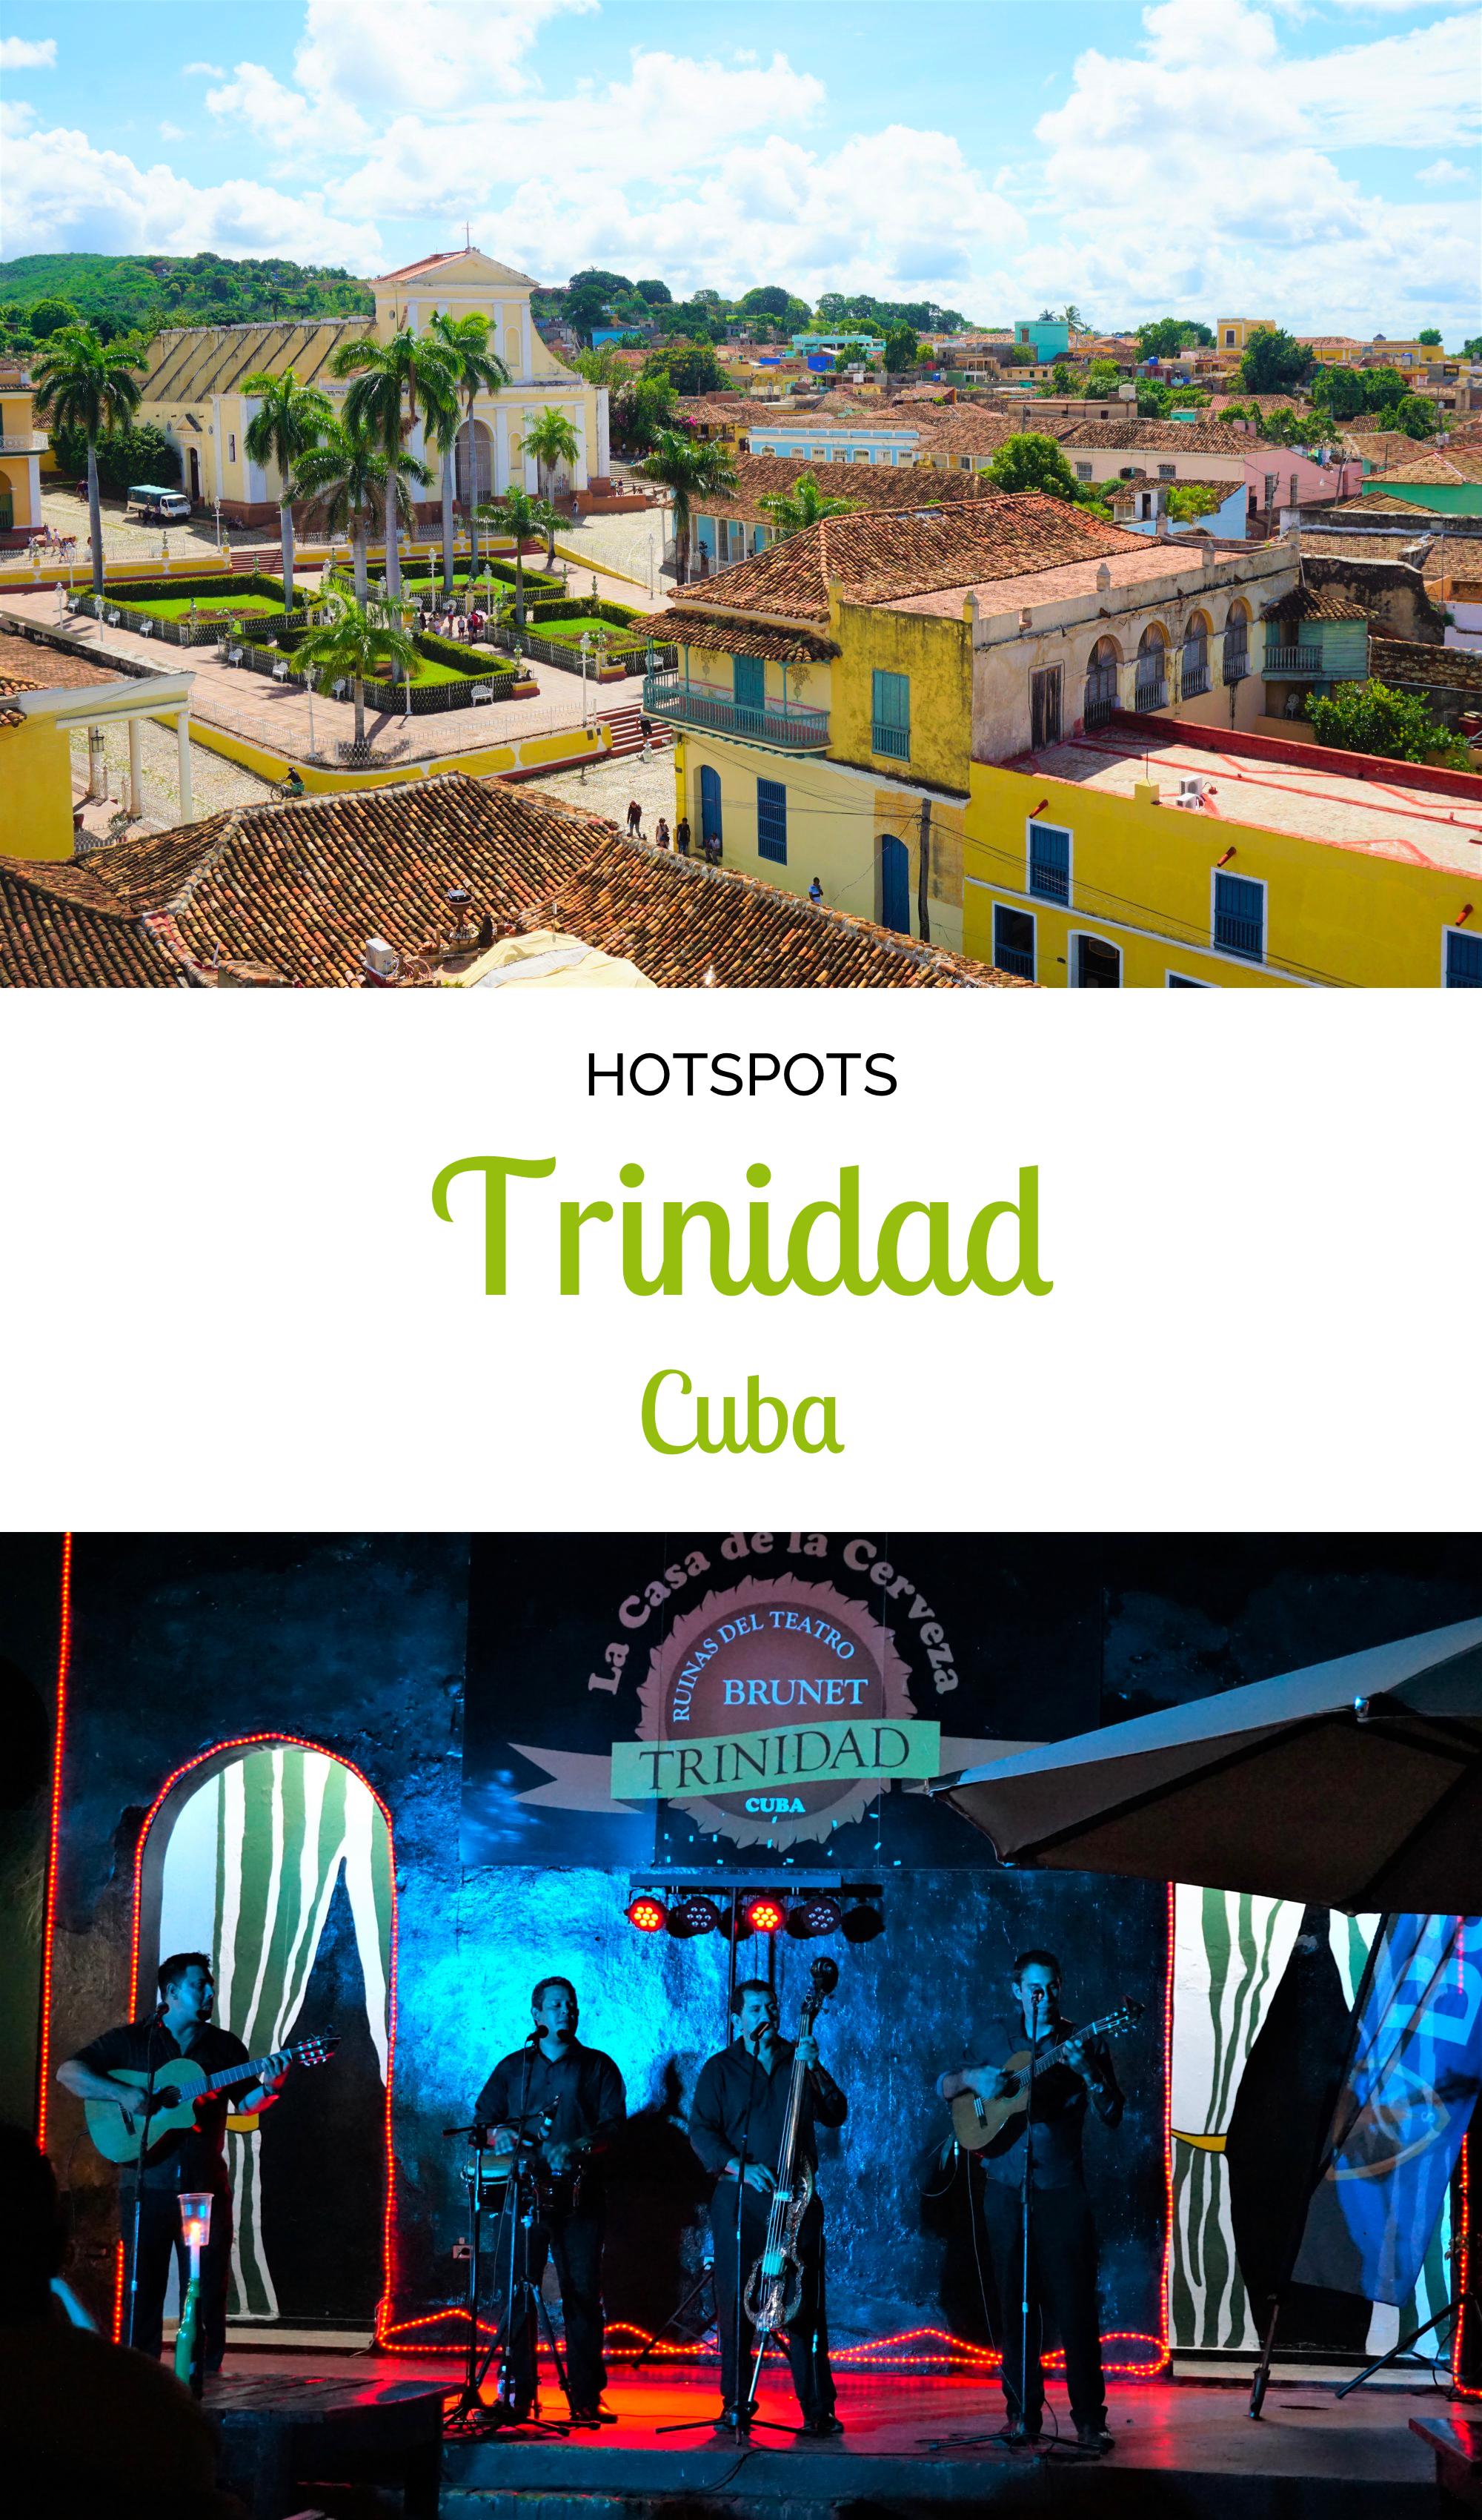 Cuba - Trinidad Foodspots